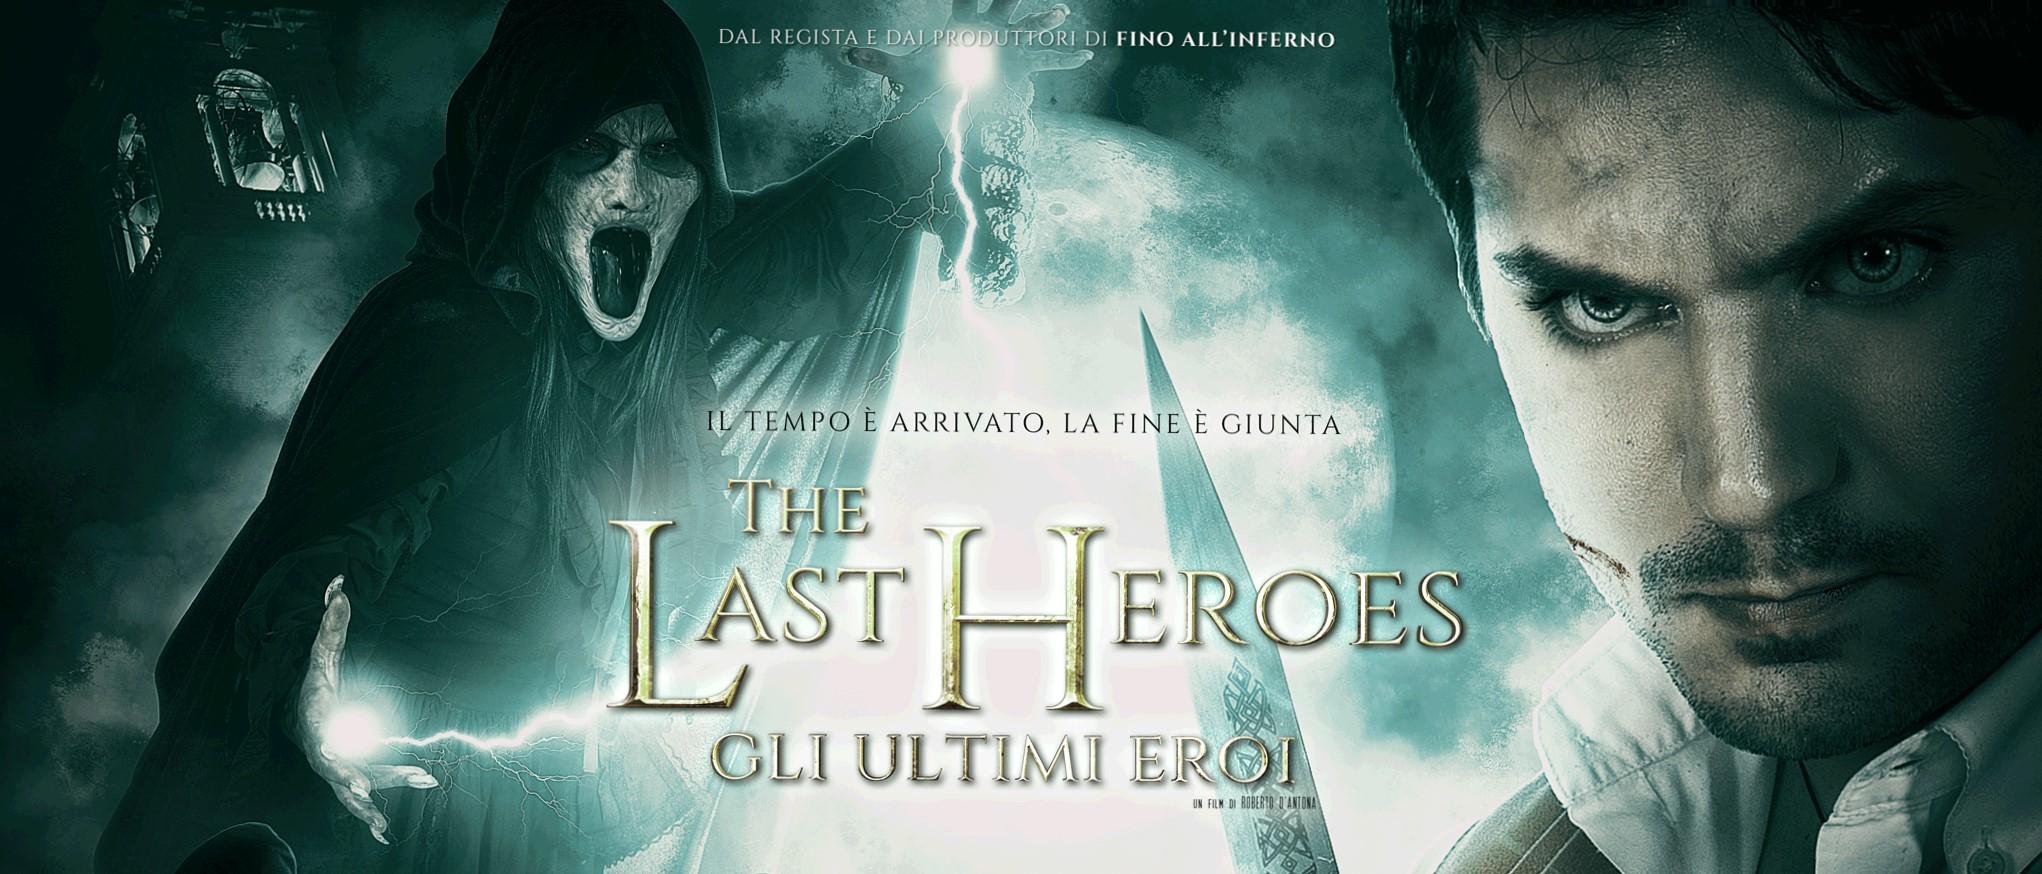 The Last Heroes – Gli ultimi eroi: ogni tanto è giusto anche provarci